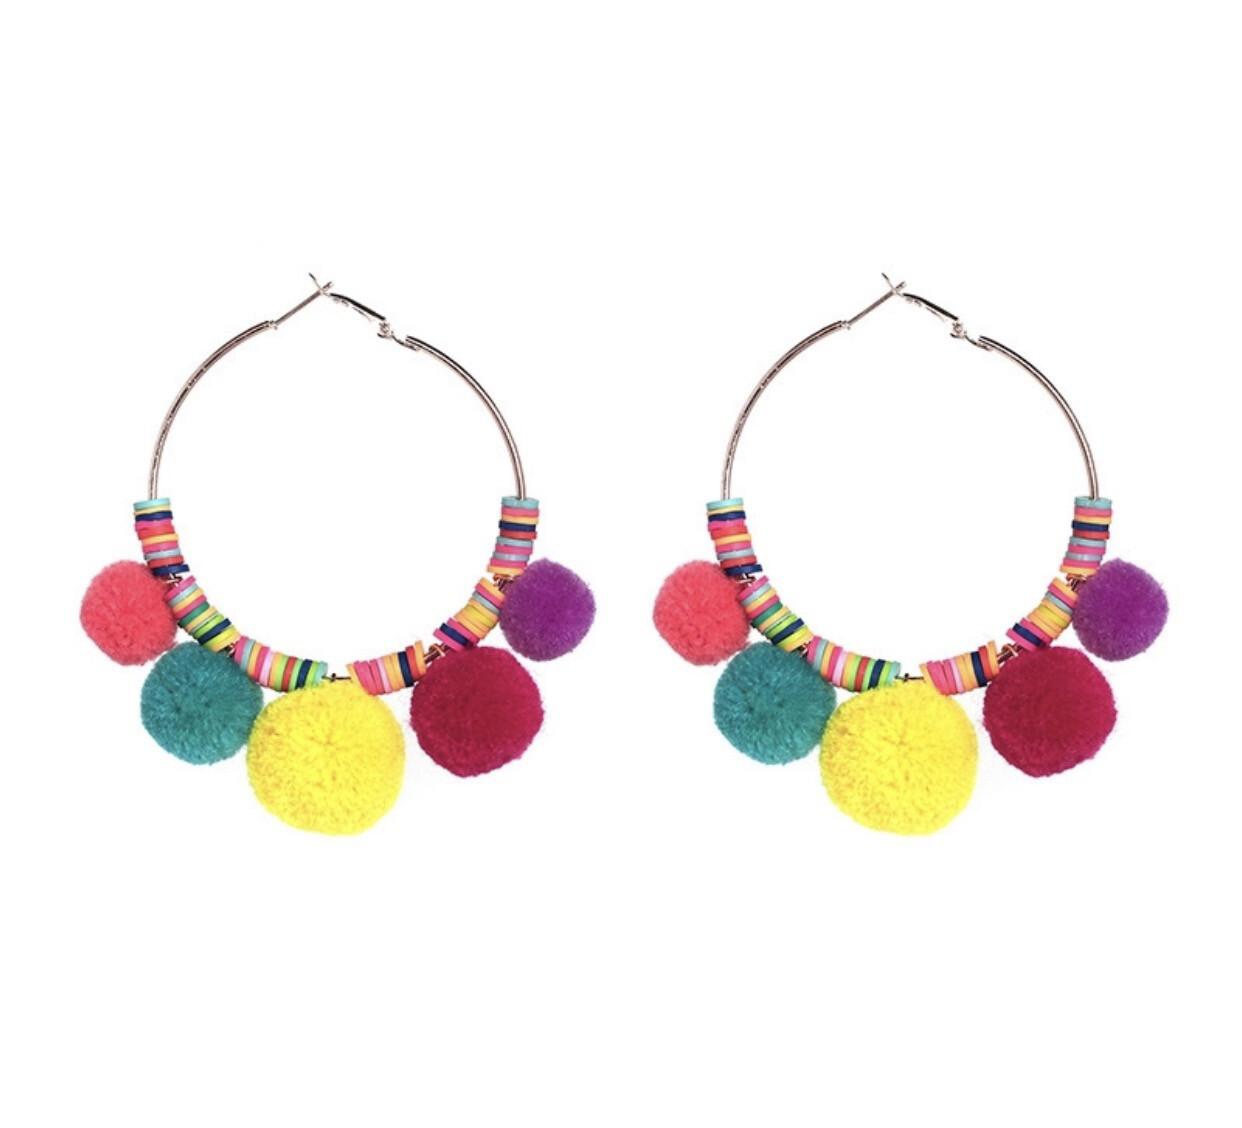 Orbelle earrings